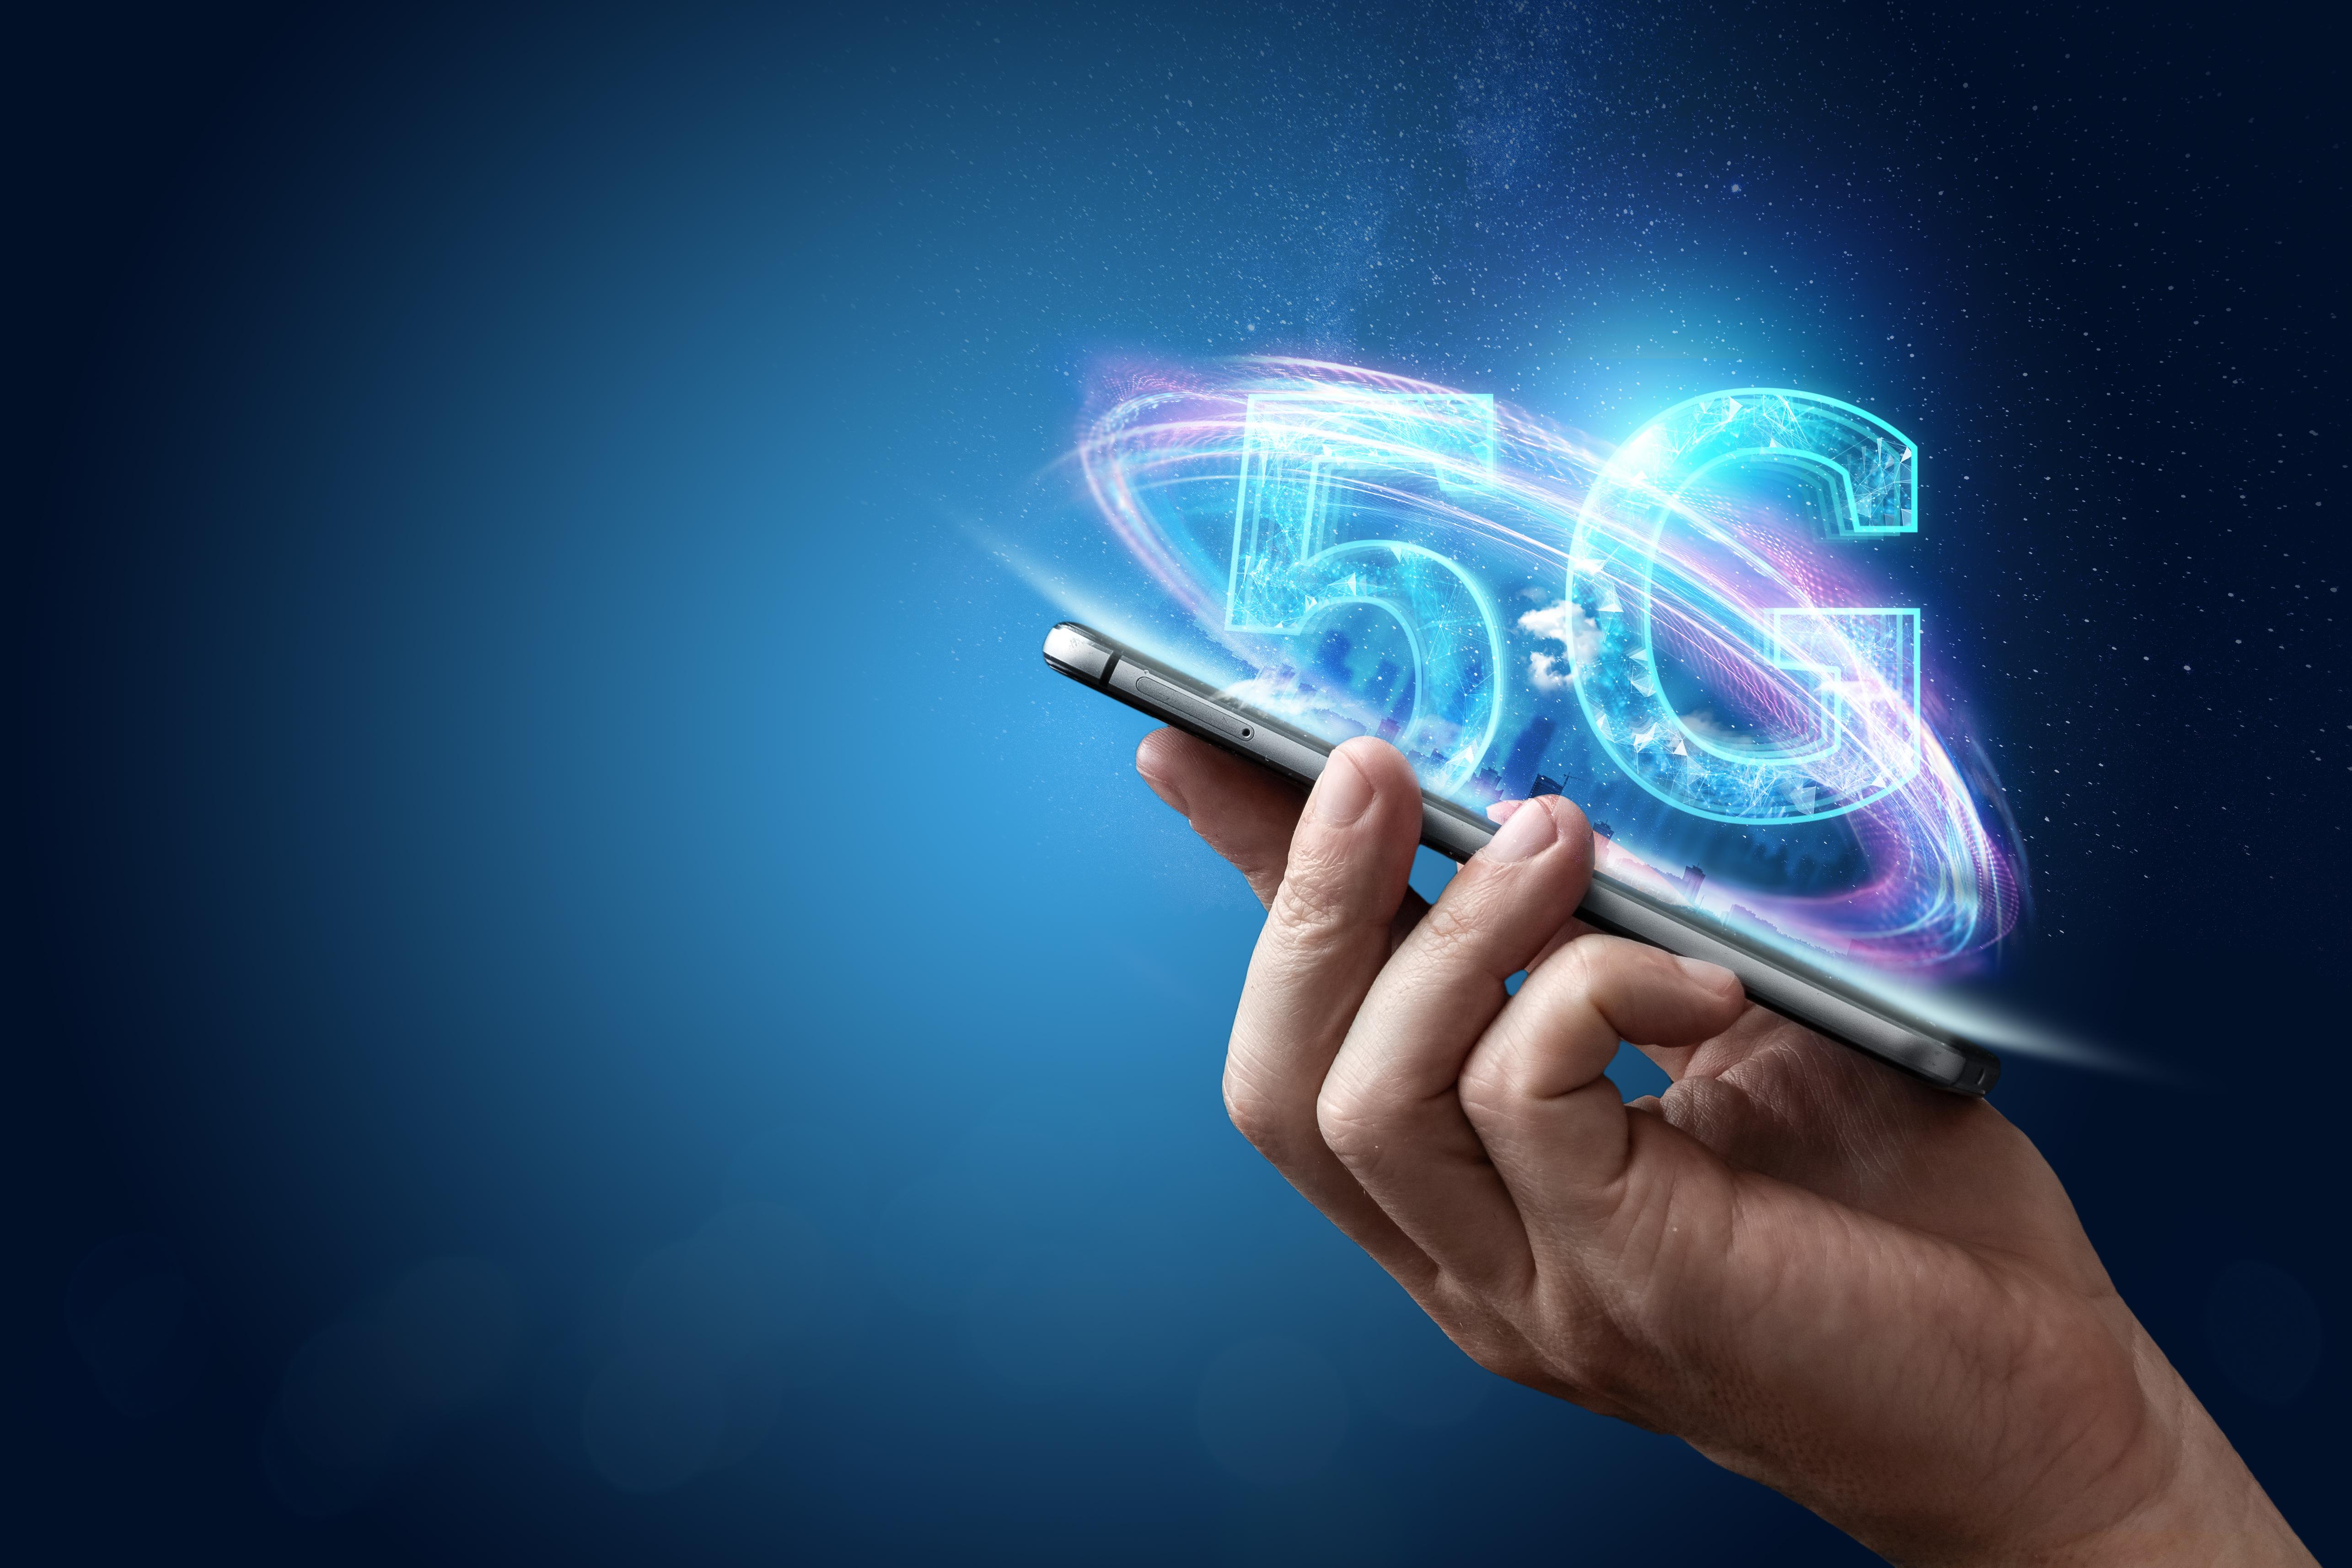 Investir dans la 5G : le réseau le plus puissant des futurs smartphones